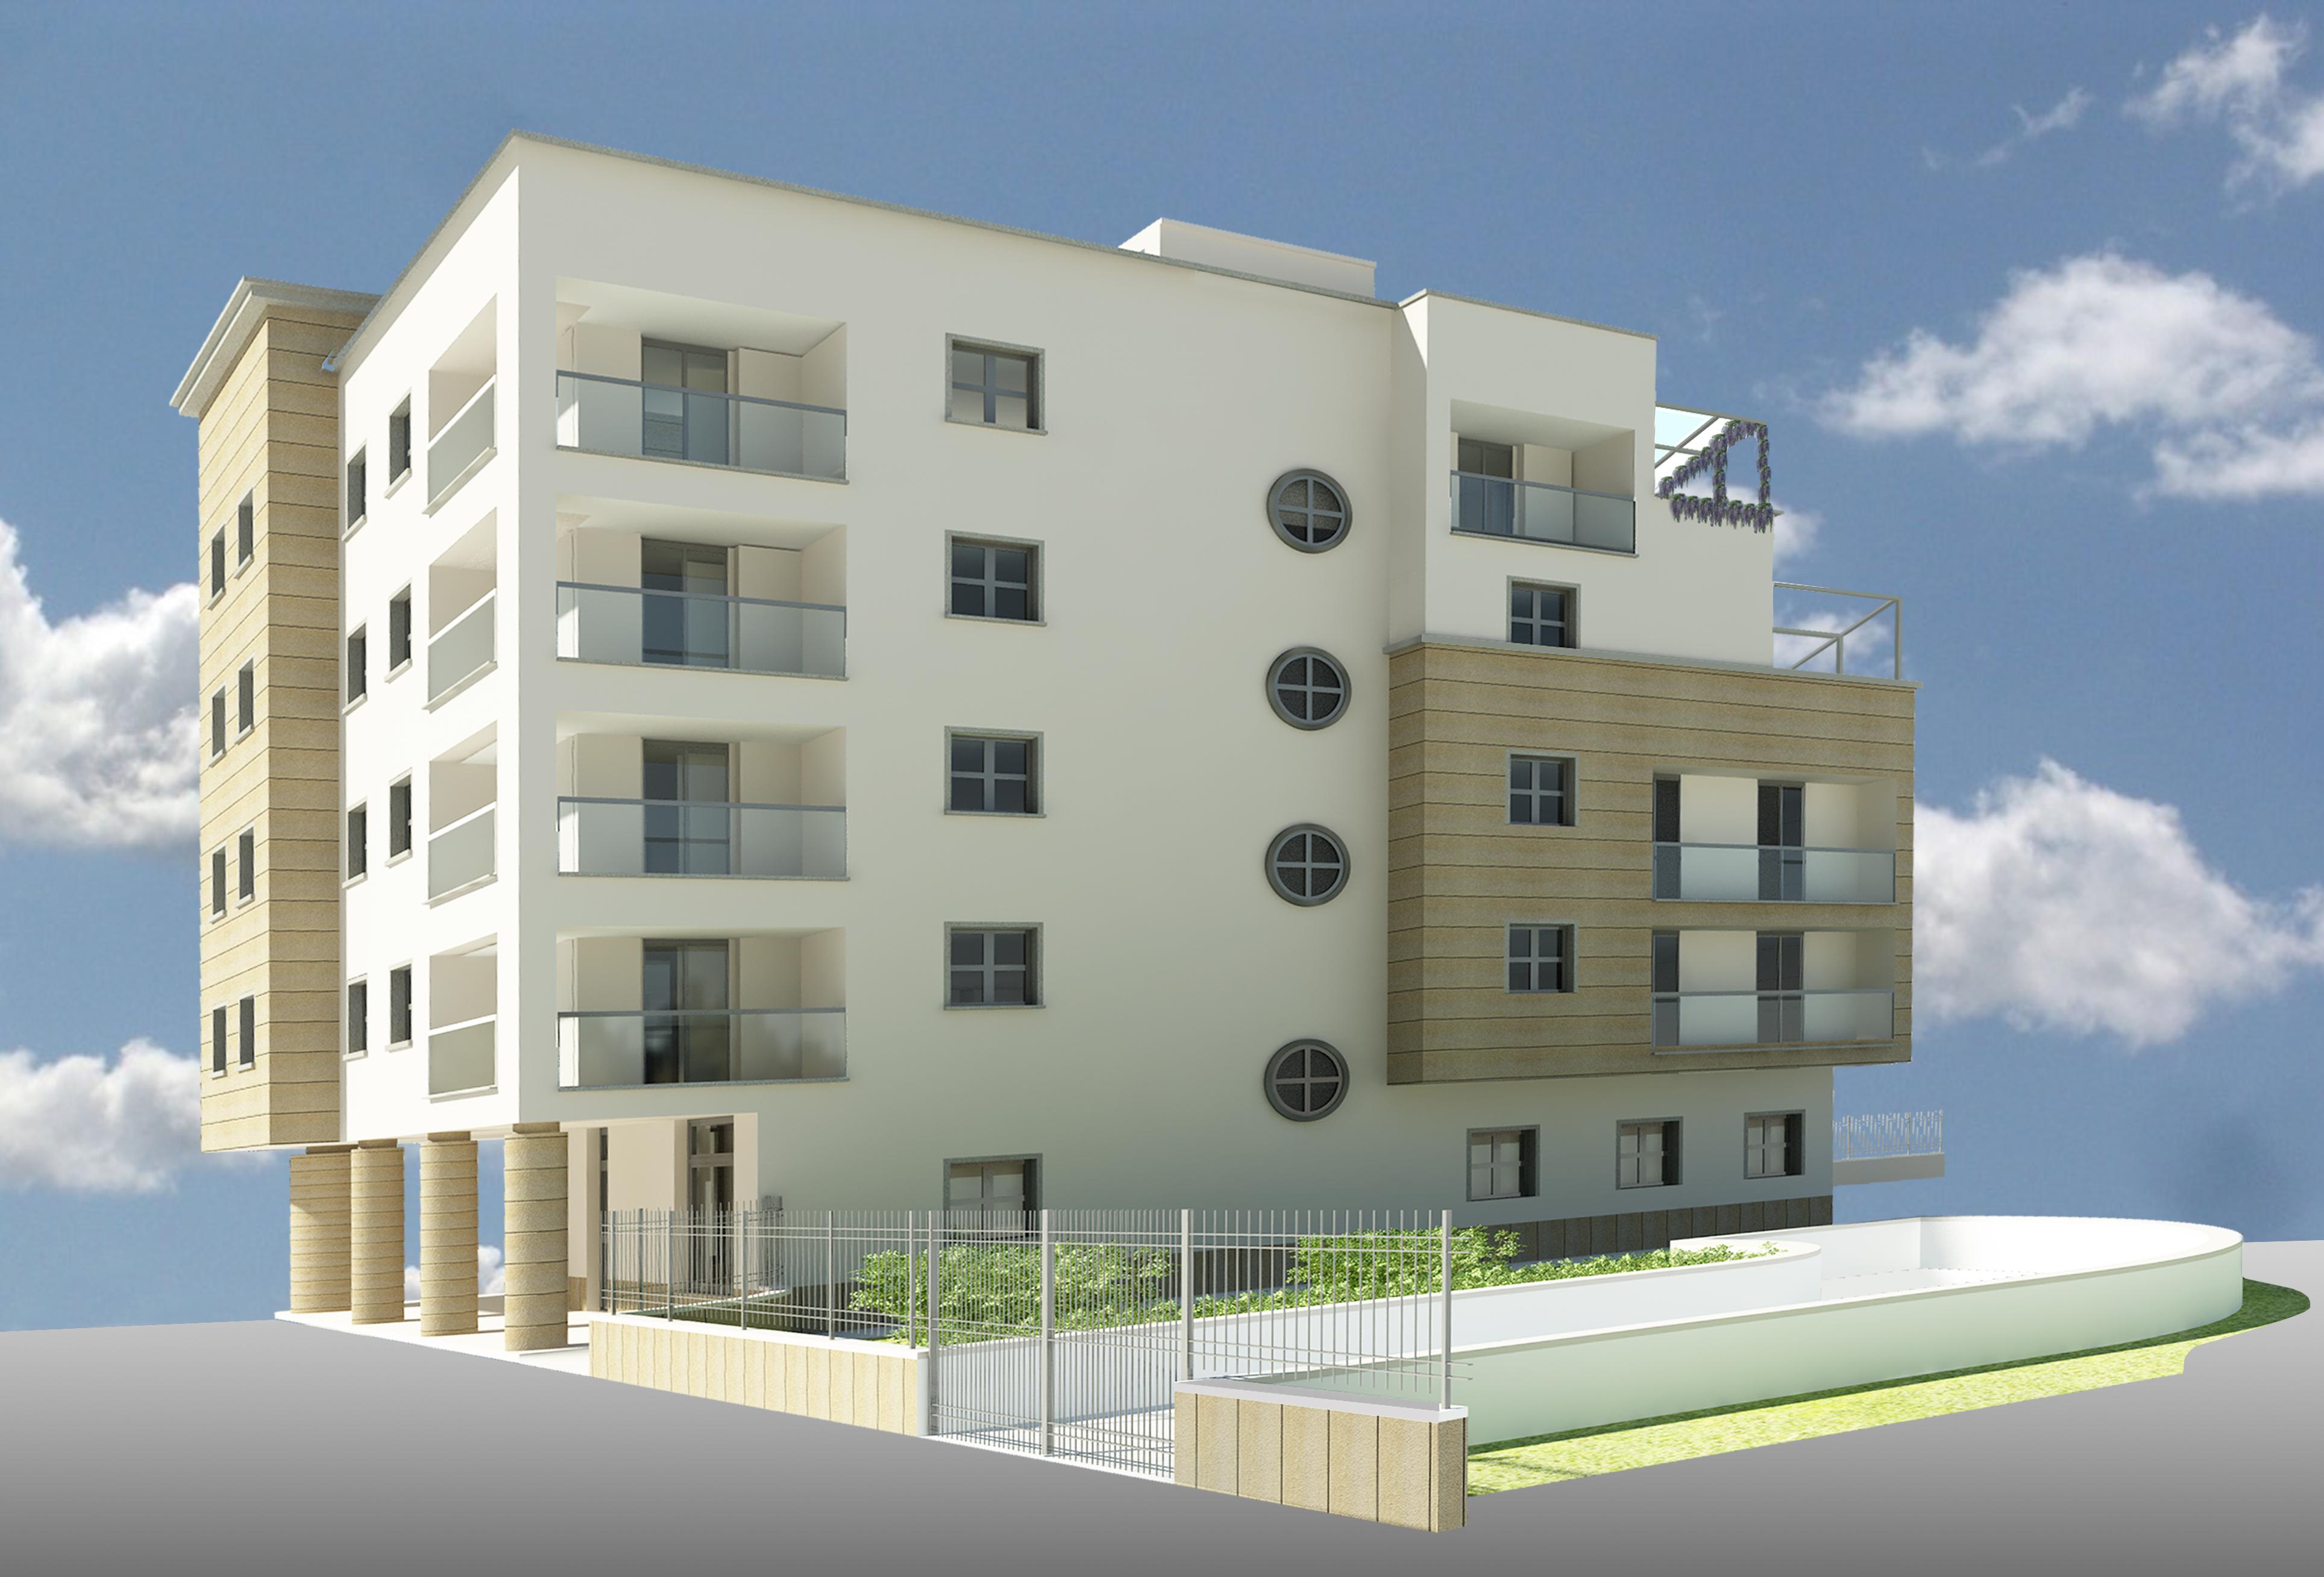 Residenze forno ambrosiano edilmoro srl for Caprotti arredamenti